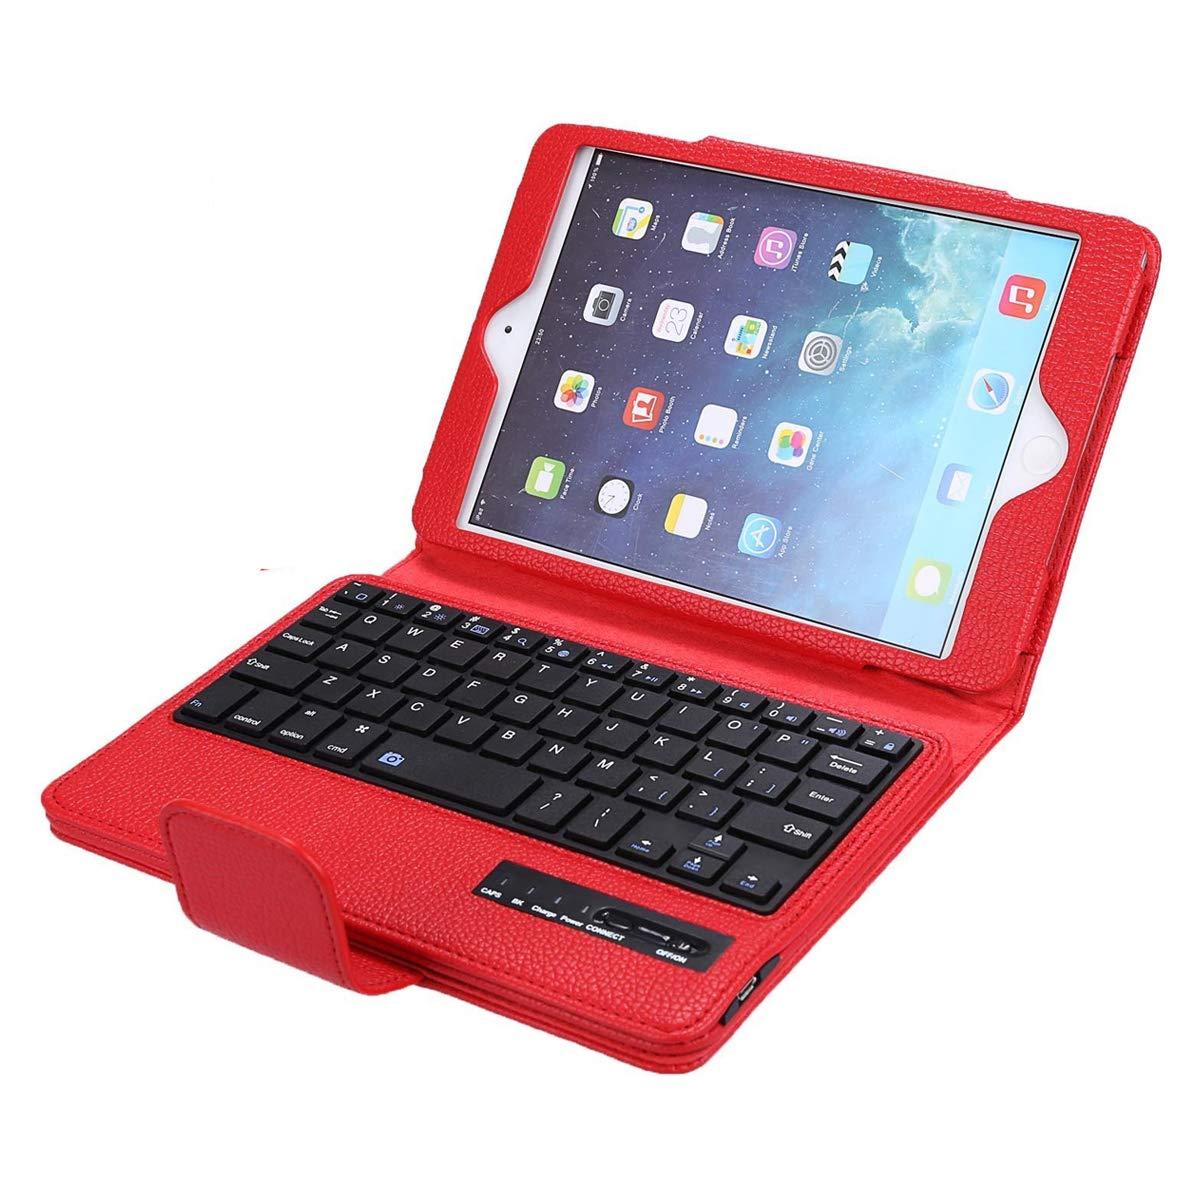 最安値挑戦! iPad Mini 1 2 3 4 1 キーボード 4 ケース B07KXVM7KY レッド LifeePro レッド B07KXVM7KY, イワタグン:a8b6681c --- a0267596.xsph.ru